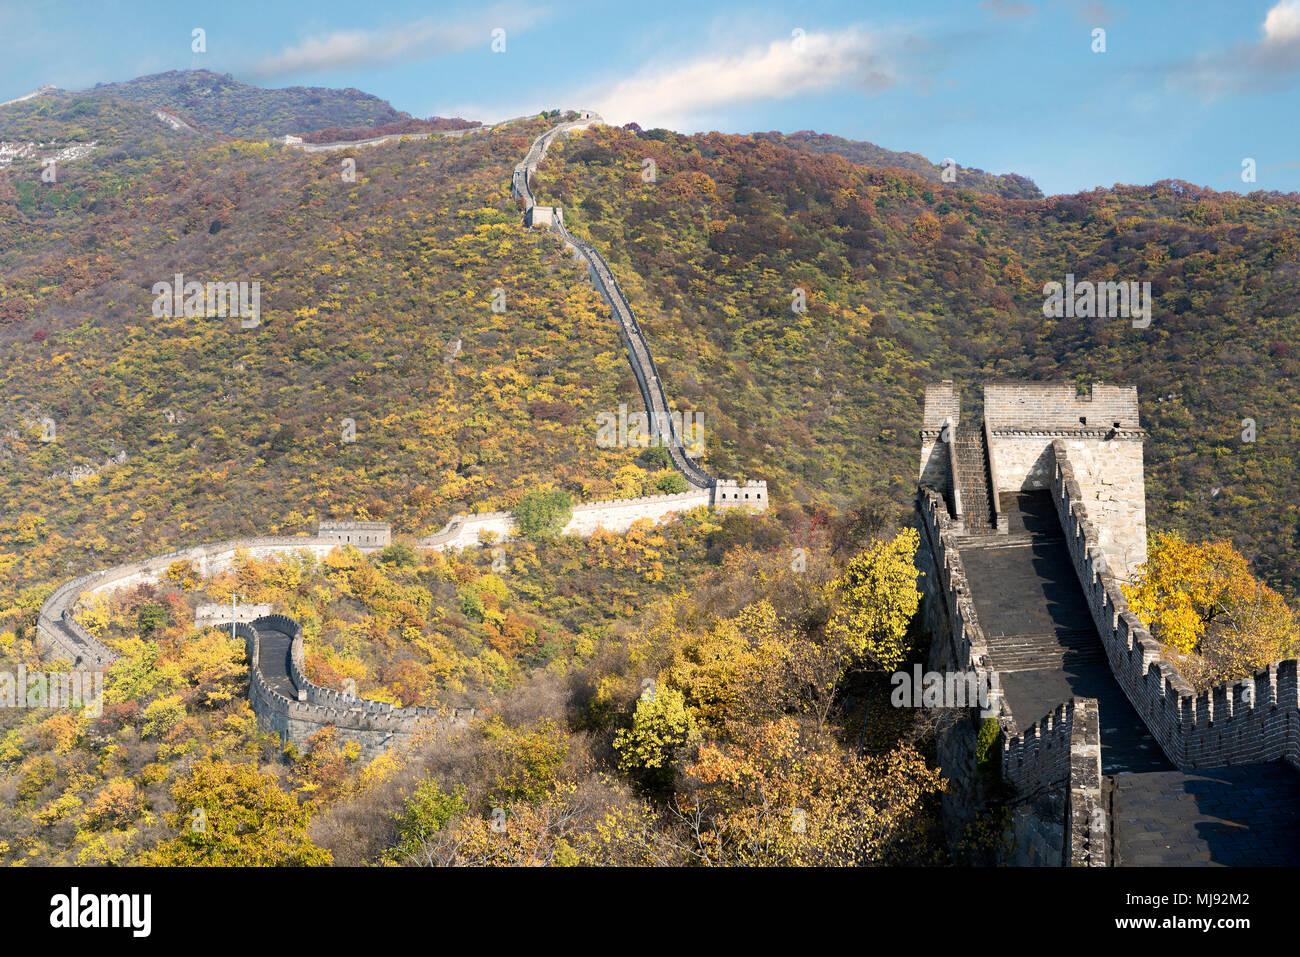 China die Große Mauer Fernsicht komprimierte Türme und wandsegmente Herbst in den Bergen in der Nähe von Beijing alte chinesische Festung militärischen l Stockbild